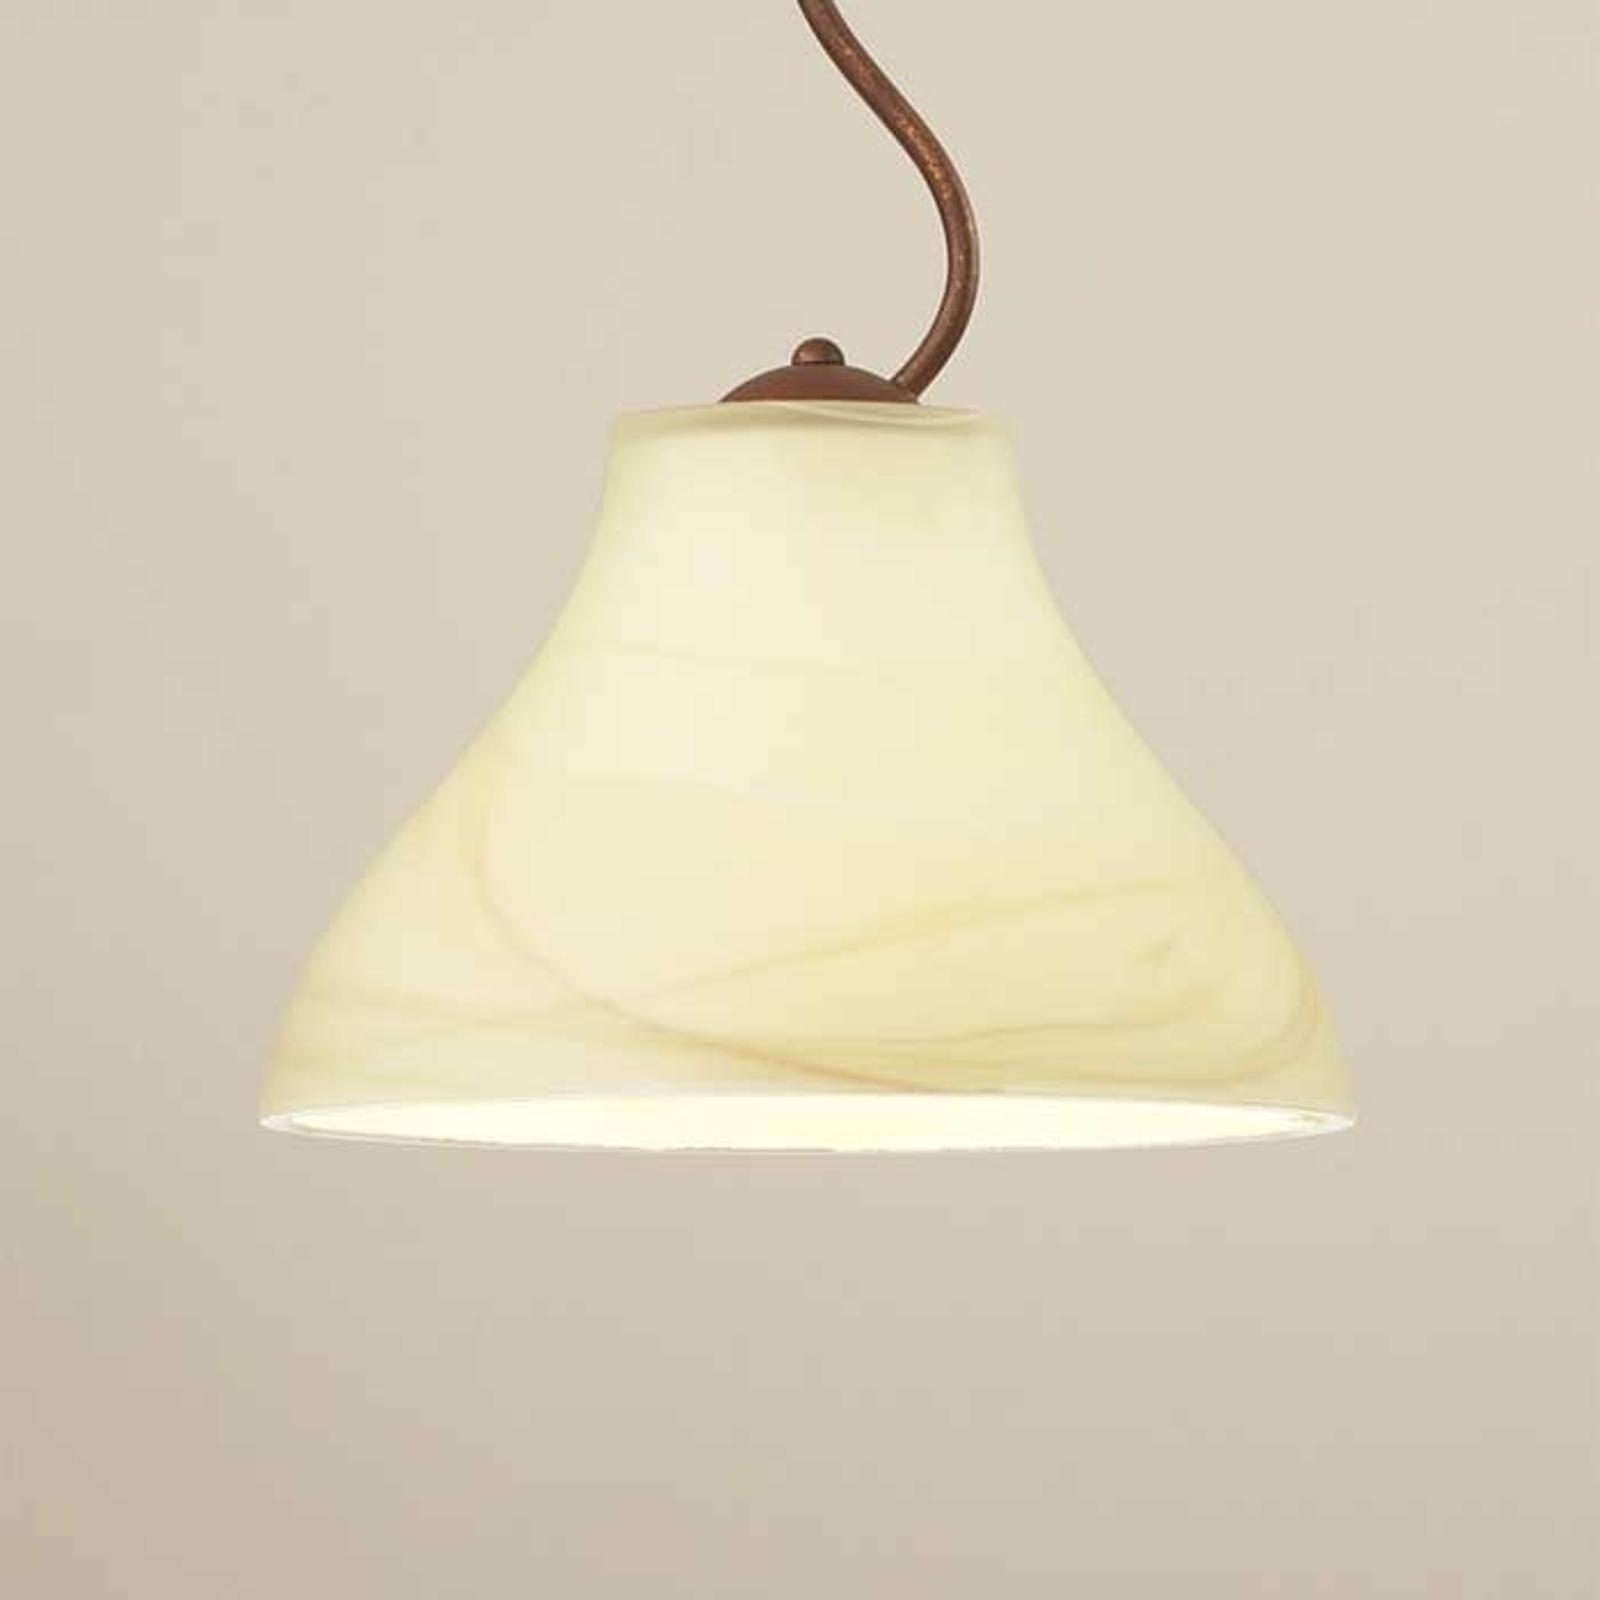 Acquista Accogliente lampada a sospensione Mattia